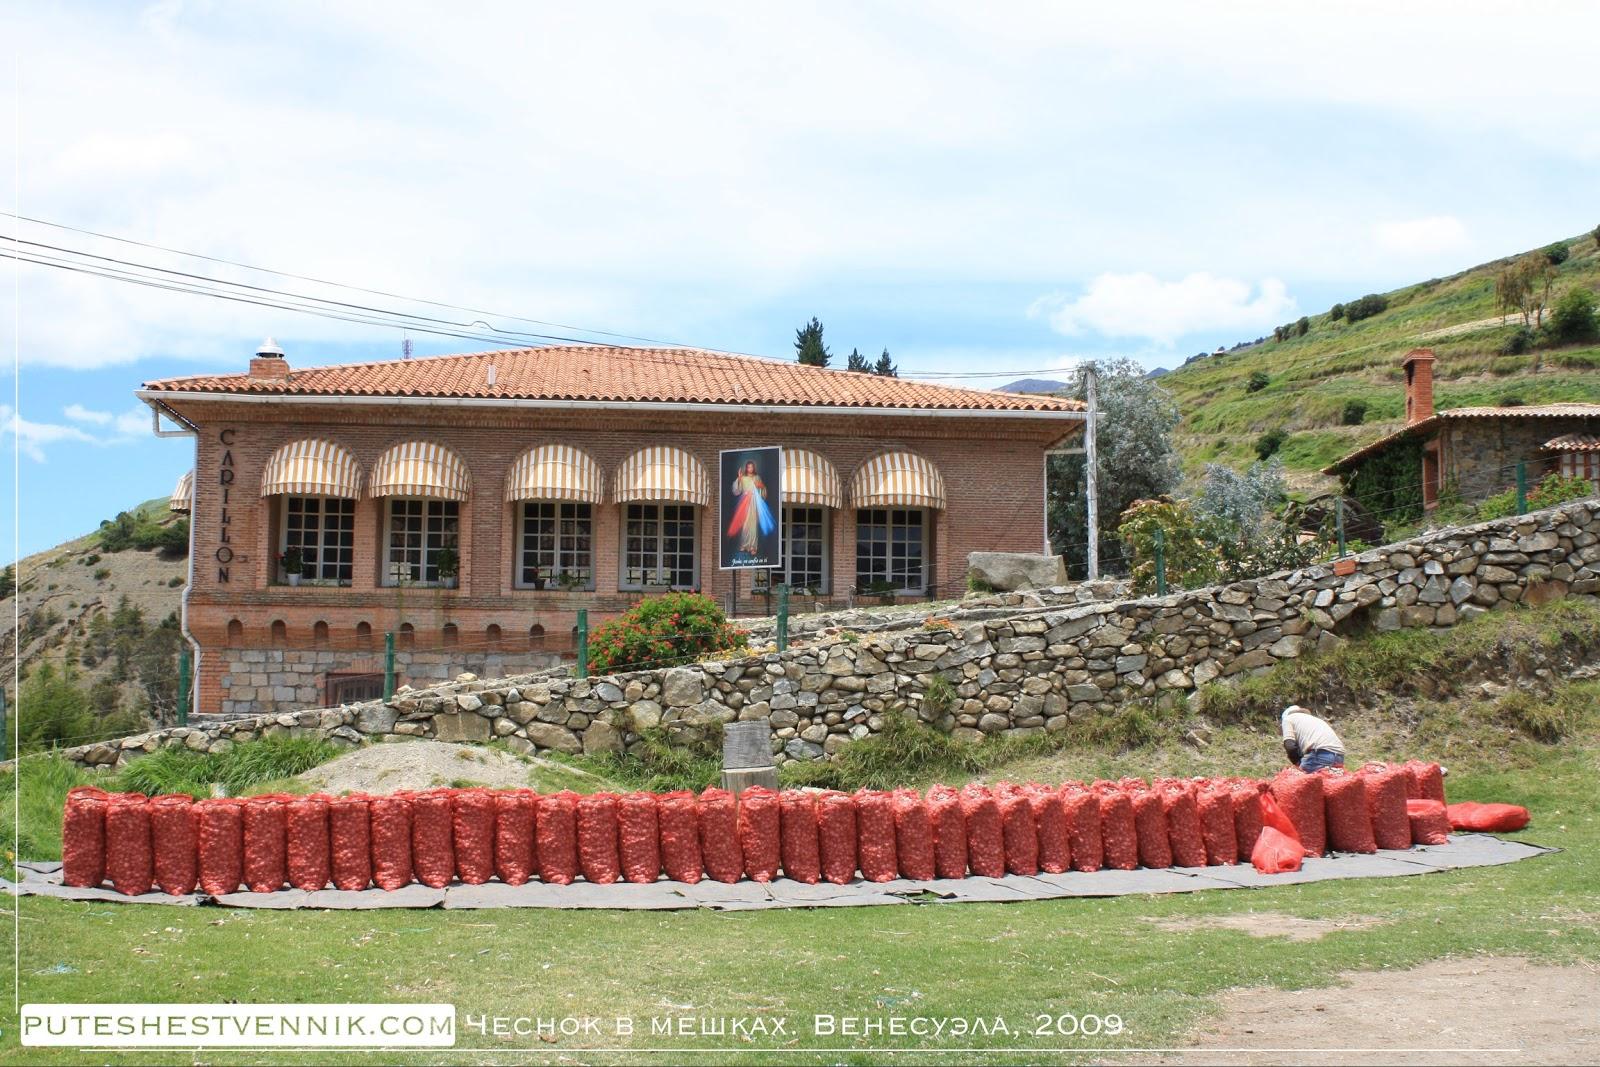 Мешки с чесноком в Венесуэле